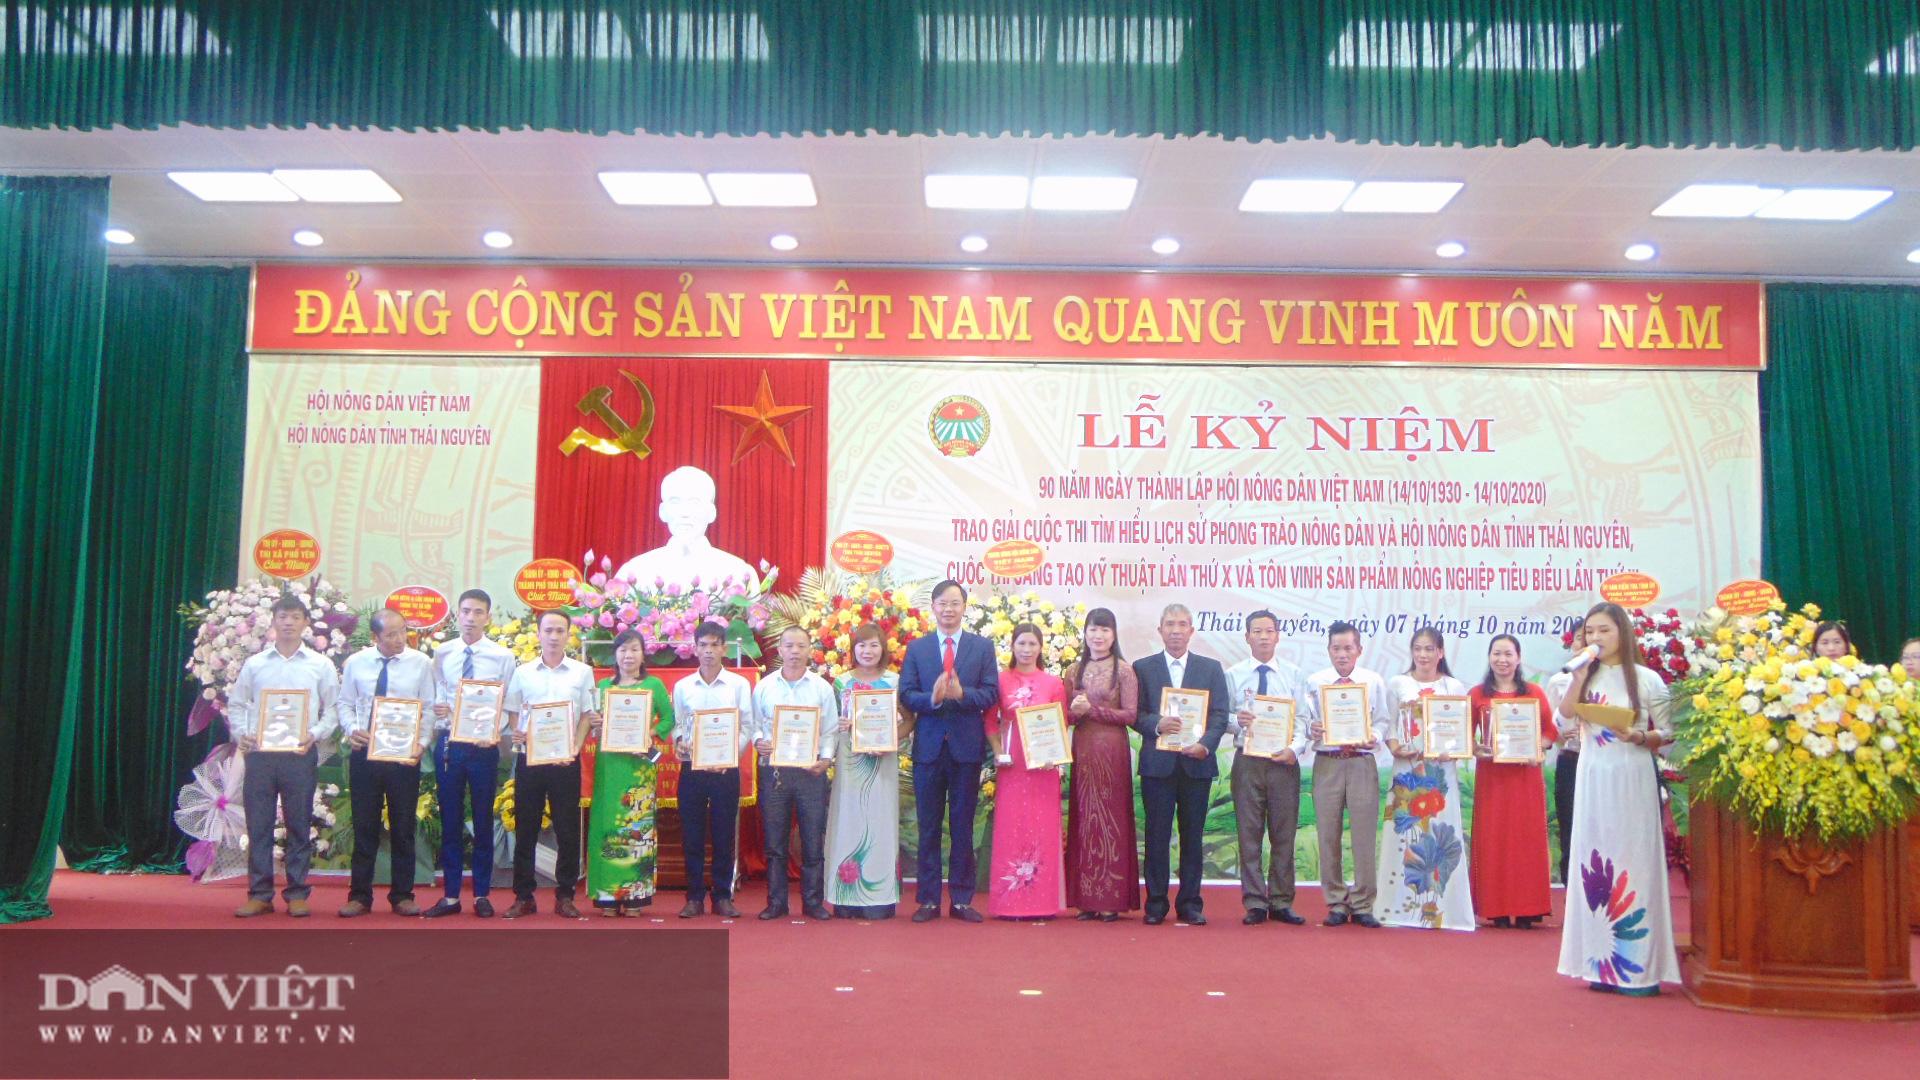 HND tỉnh Thái Nguyên biểu dương nhiều tập thể, cá nhân điển hình tiên tiến và tôn vinh 30 sản phẩm nông nghiệp tiêu biểu - Ảnh 1.